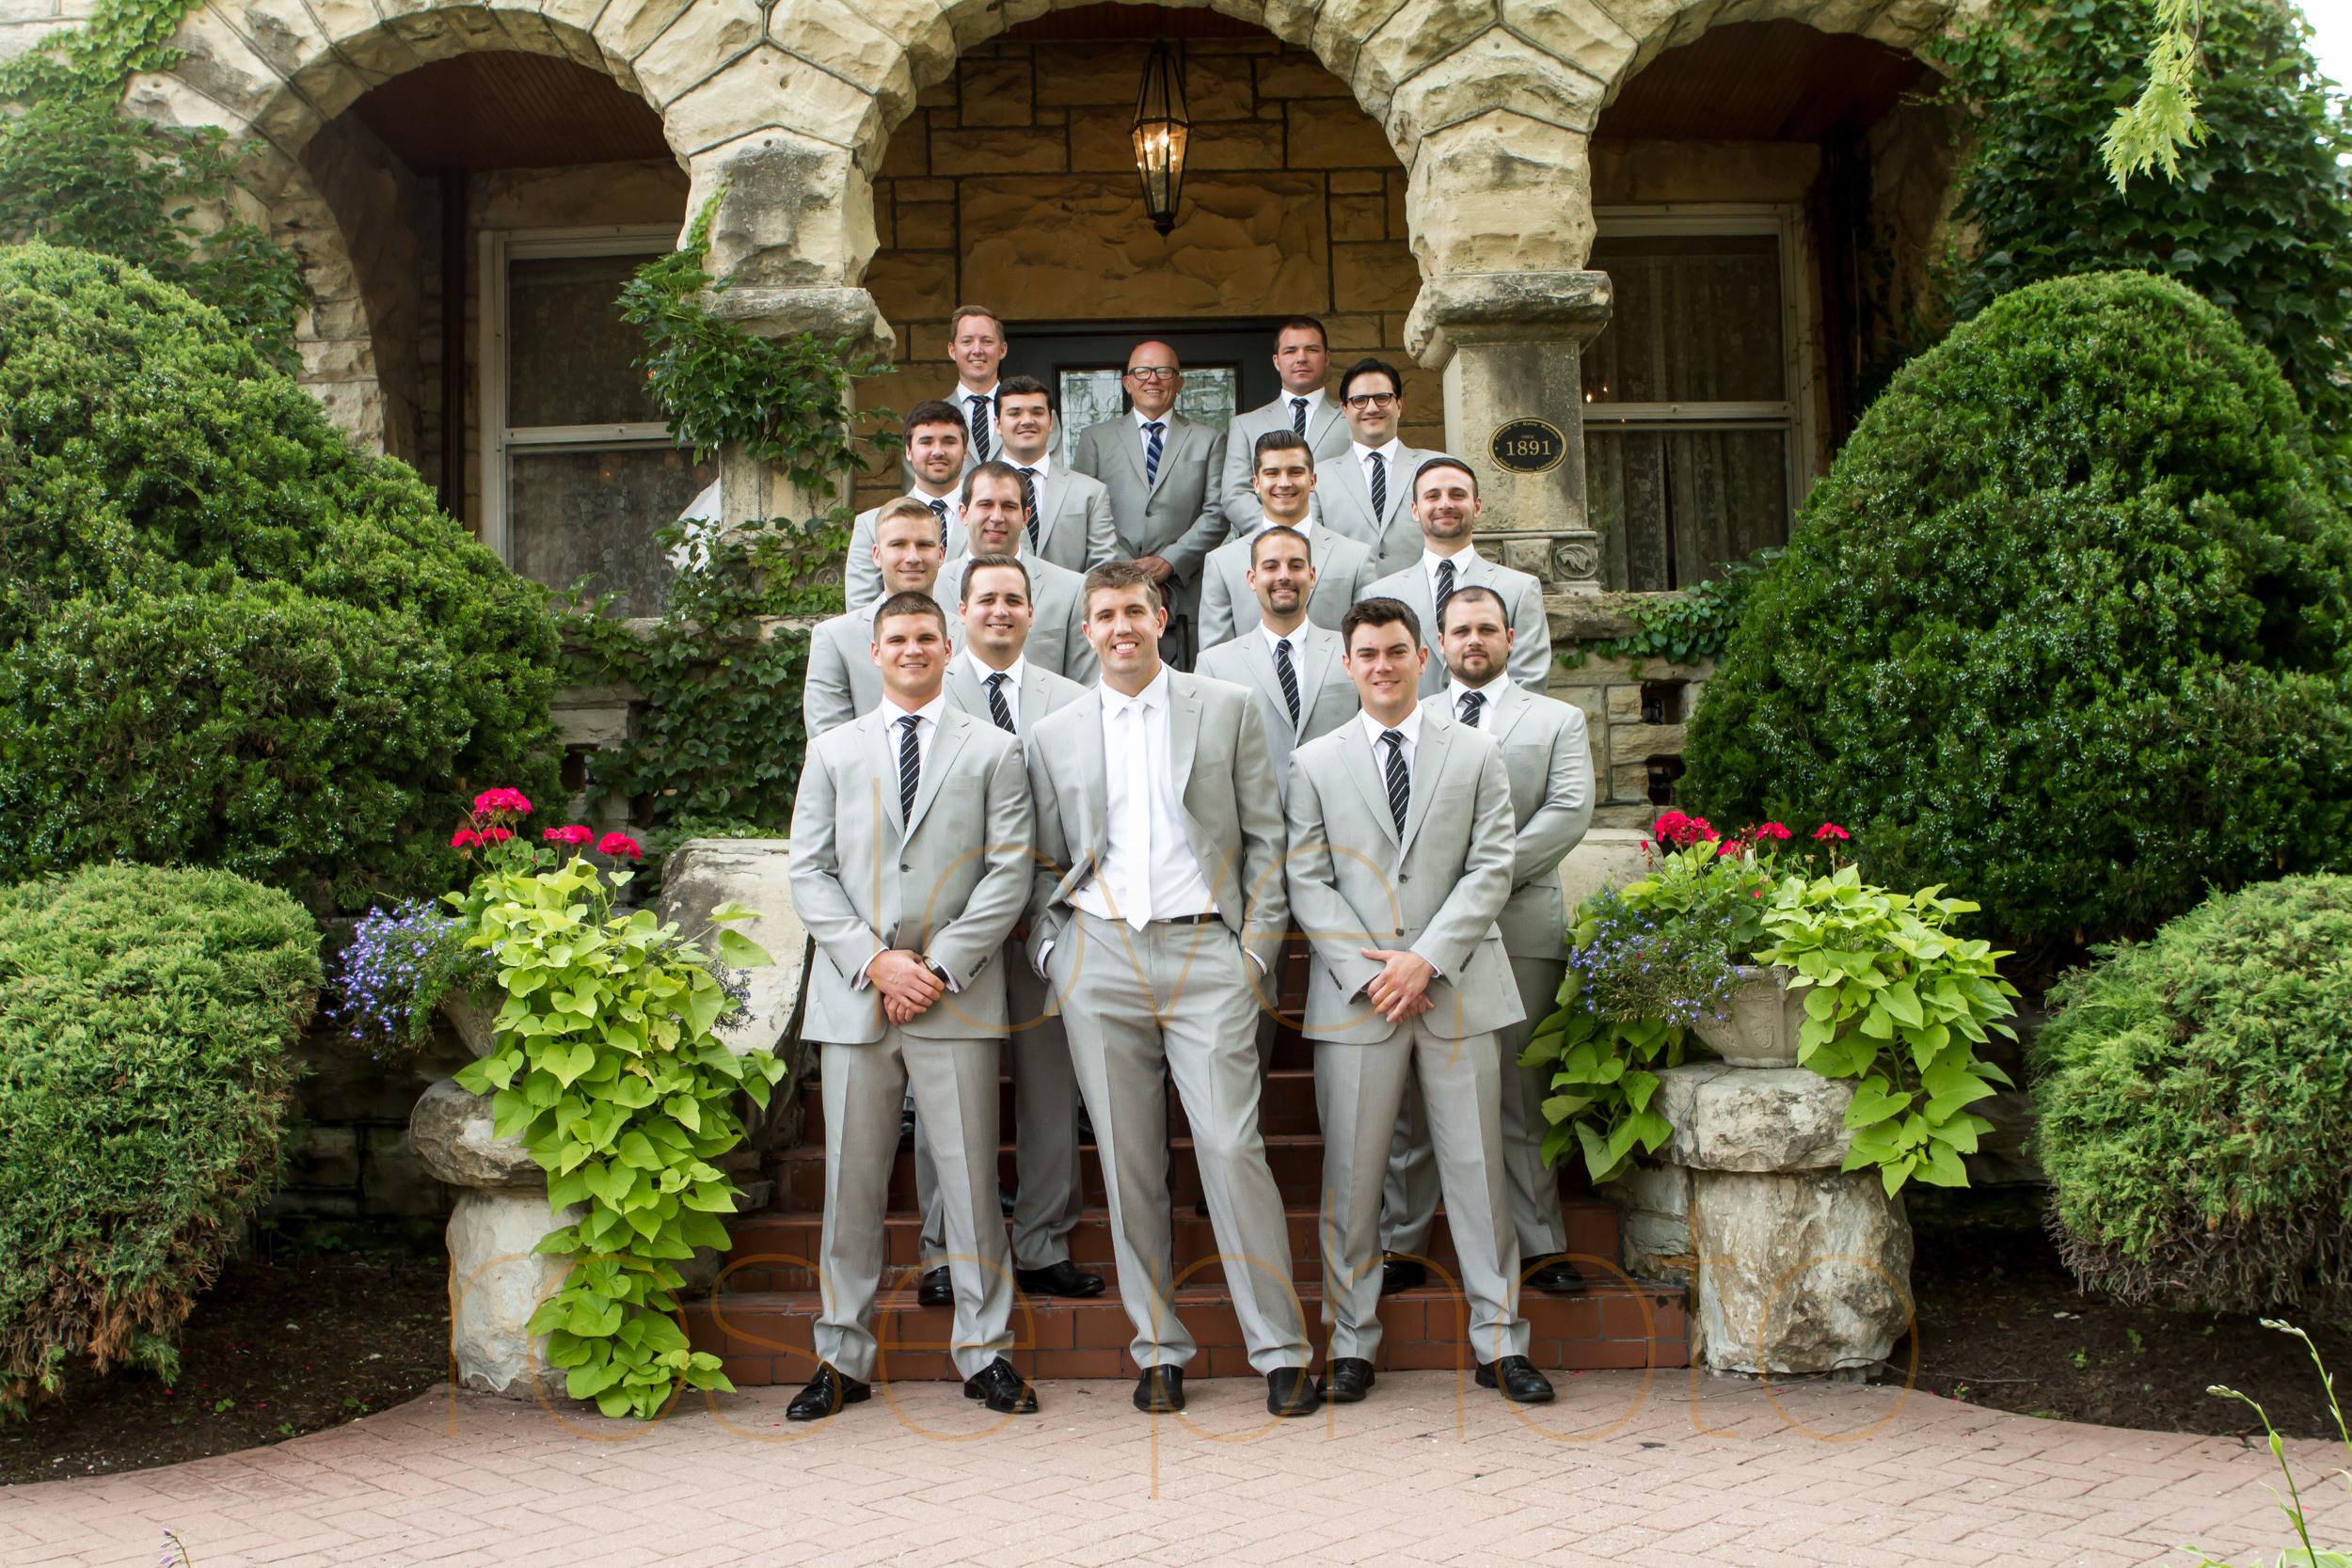 ellen + bryan chicago wedding joliet james healy mansion portrait lifestyle photojournalist photographer -007.jpg